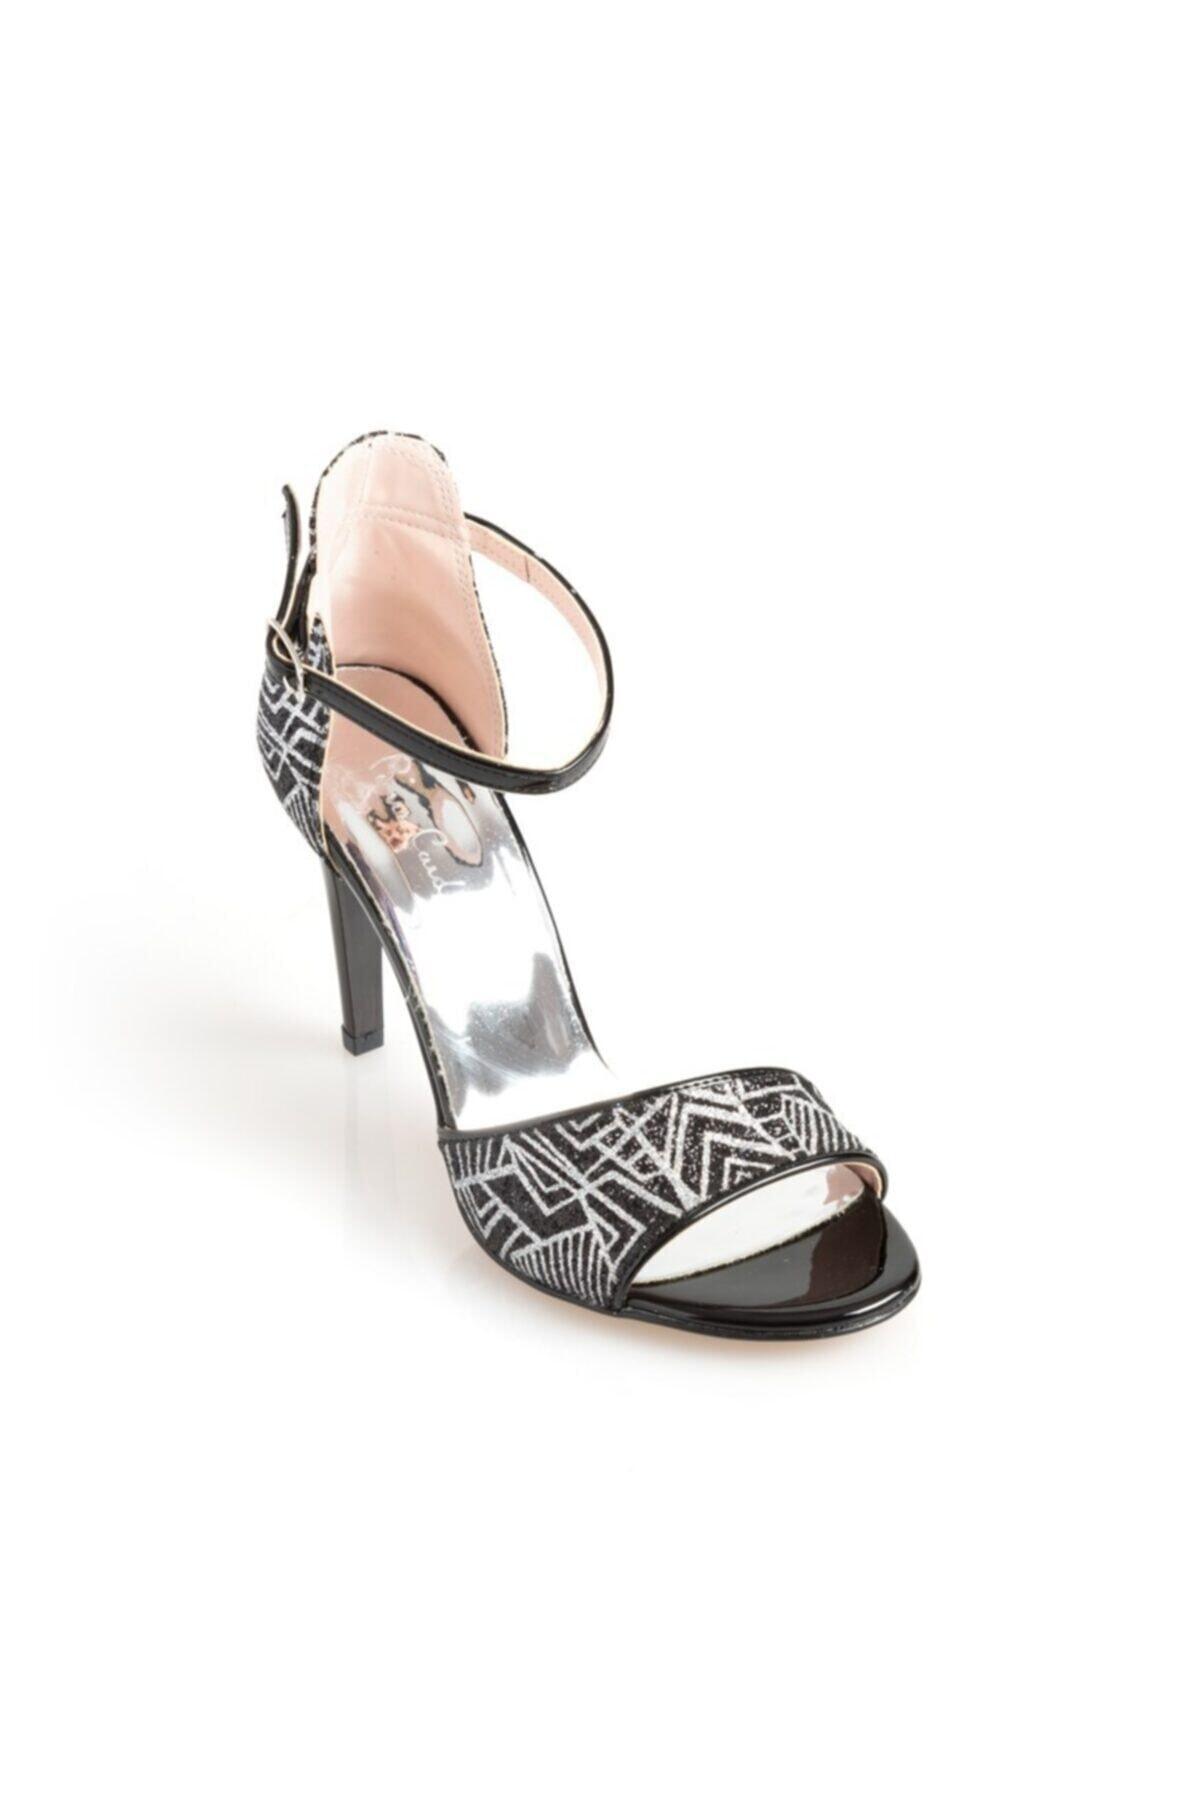 Pierre Cardin Kadın Siyah Topuklu Ayakkabı 54031 2